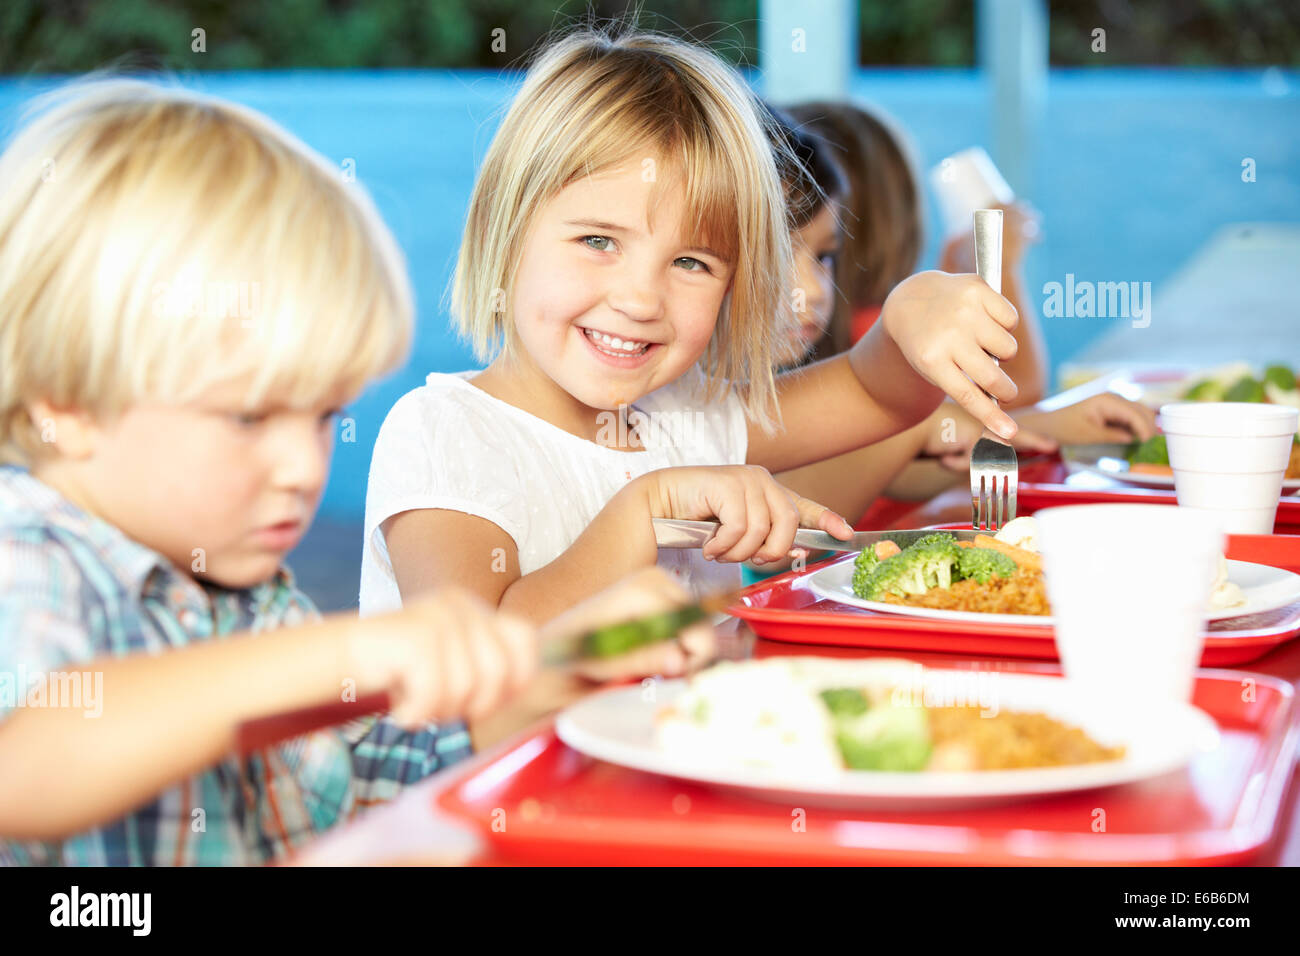 Child Healthy Diet Preschool School Food Stock Photo Alamy